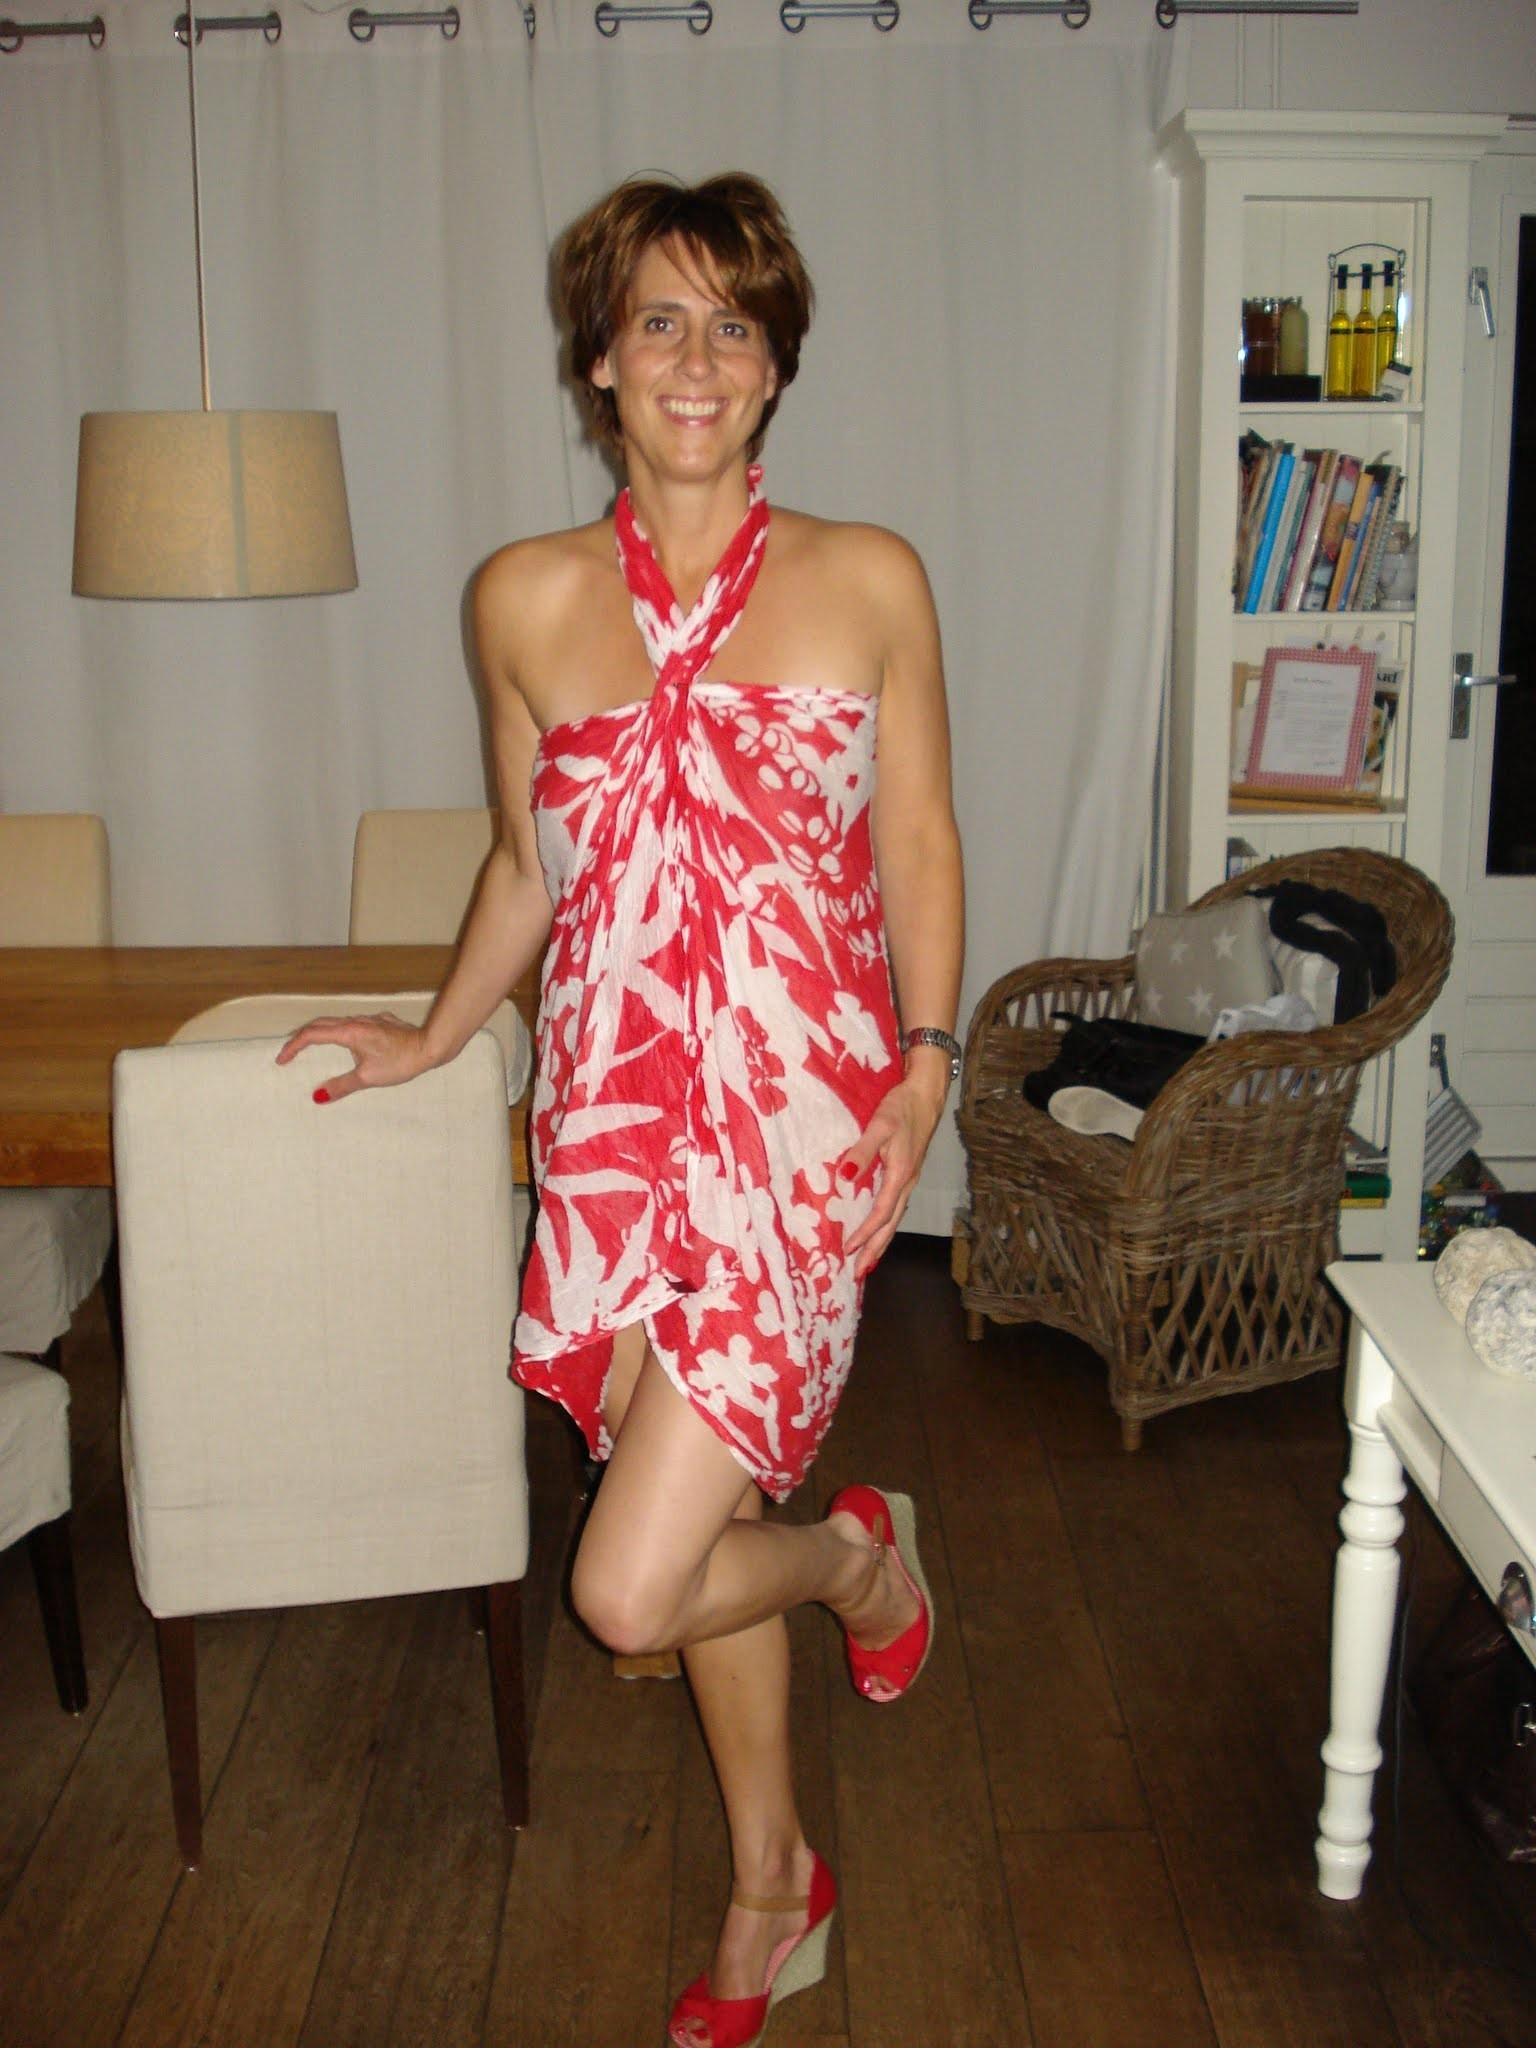 Женщина из Голландии занимается сексом с огурцом, причем не маленьким